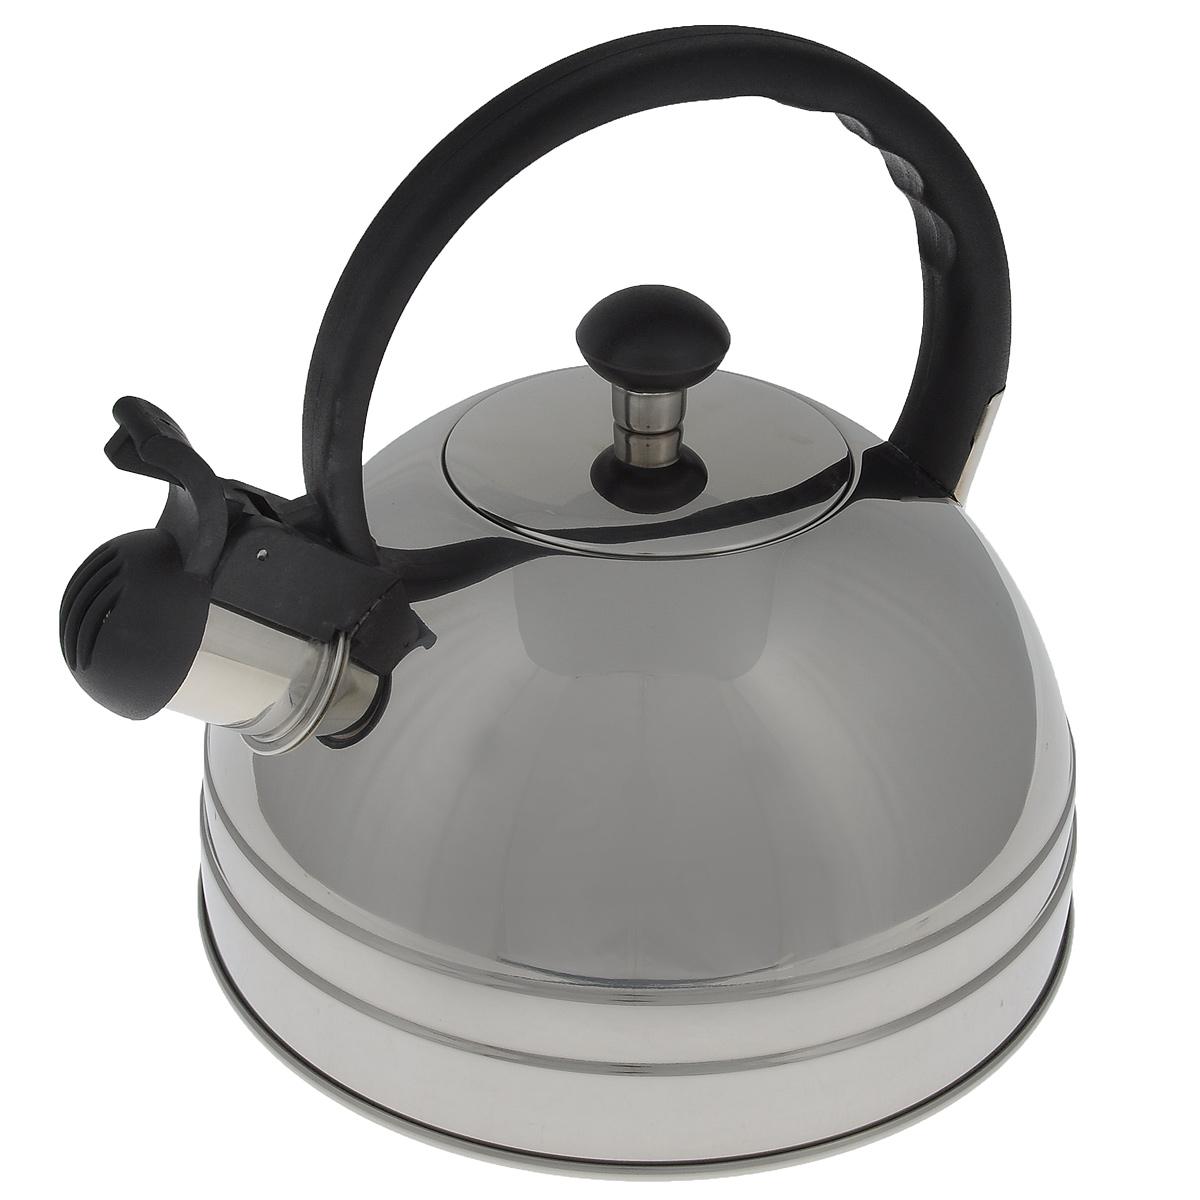 Чайник Regent Inox Tea со свистком, 2,5 л. 93-TEA-26 чайник со свистком 3 8 л regent люкс 93 2503b 2